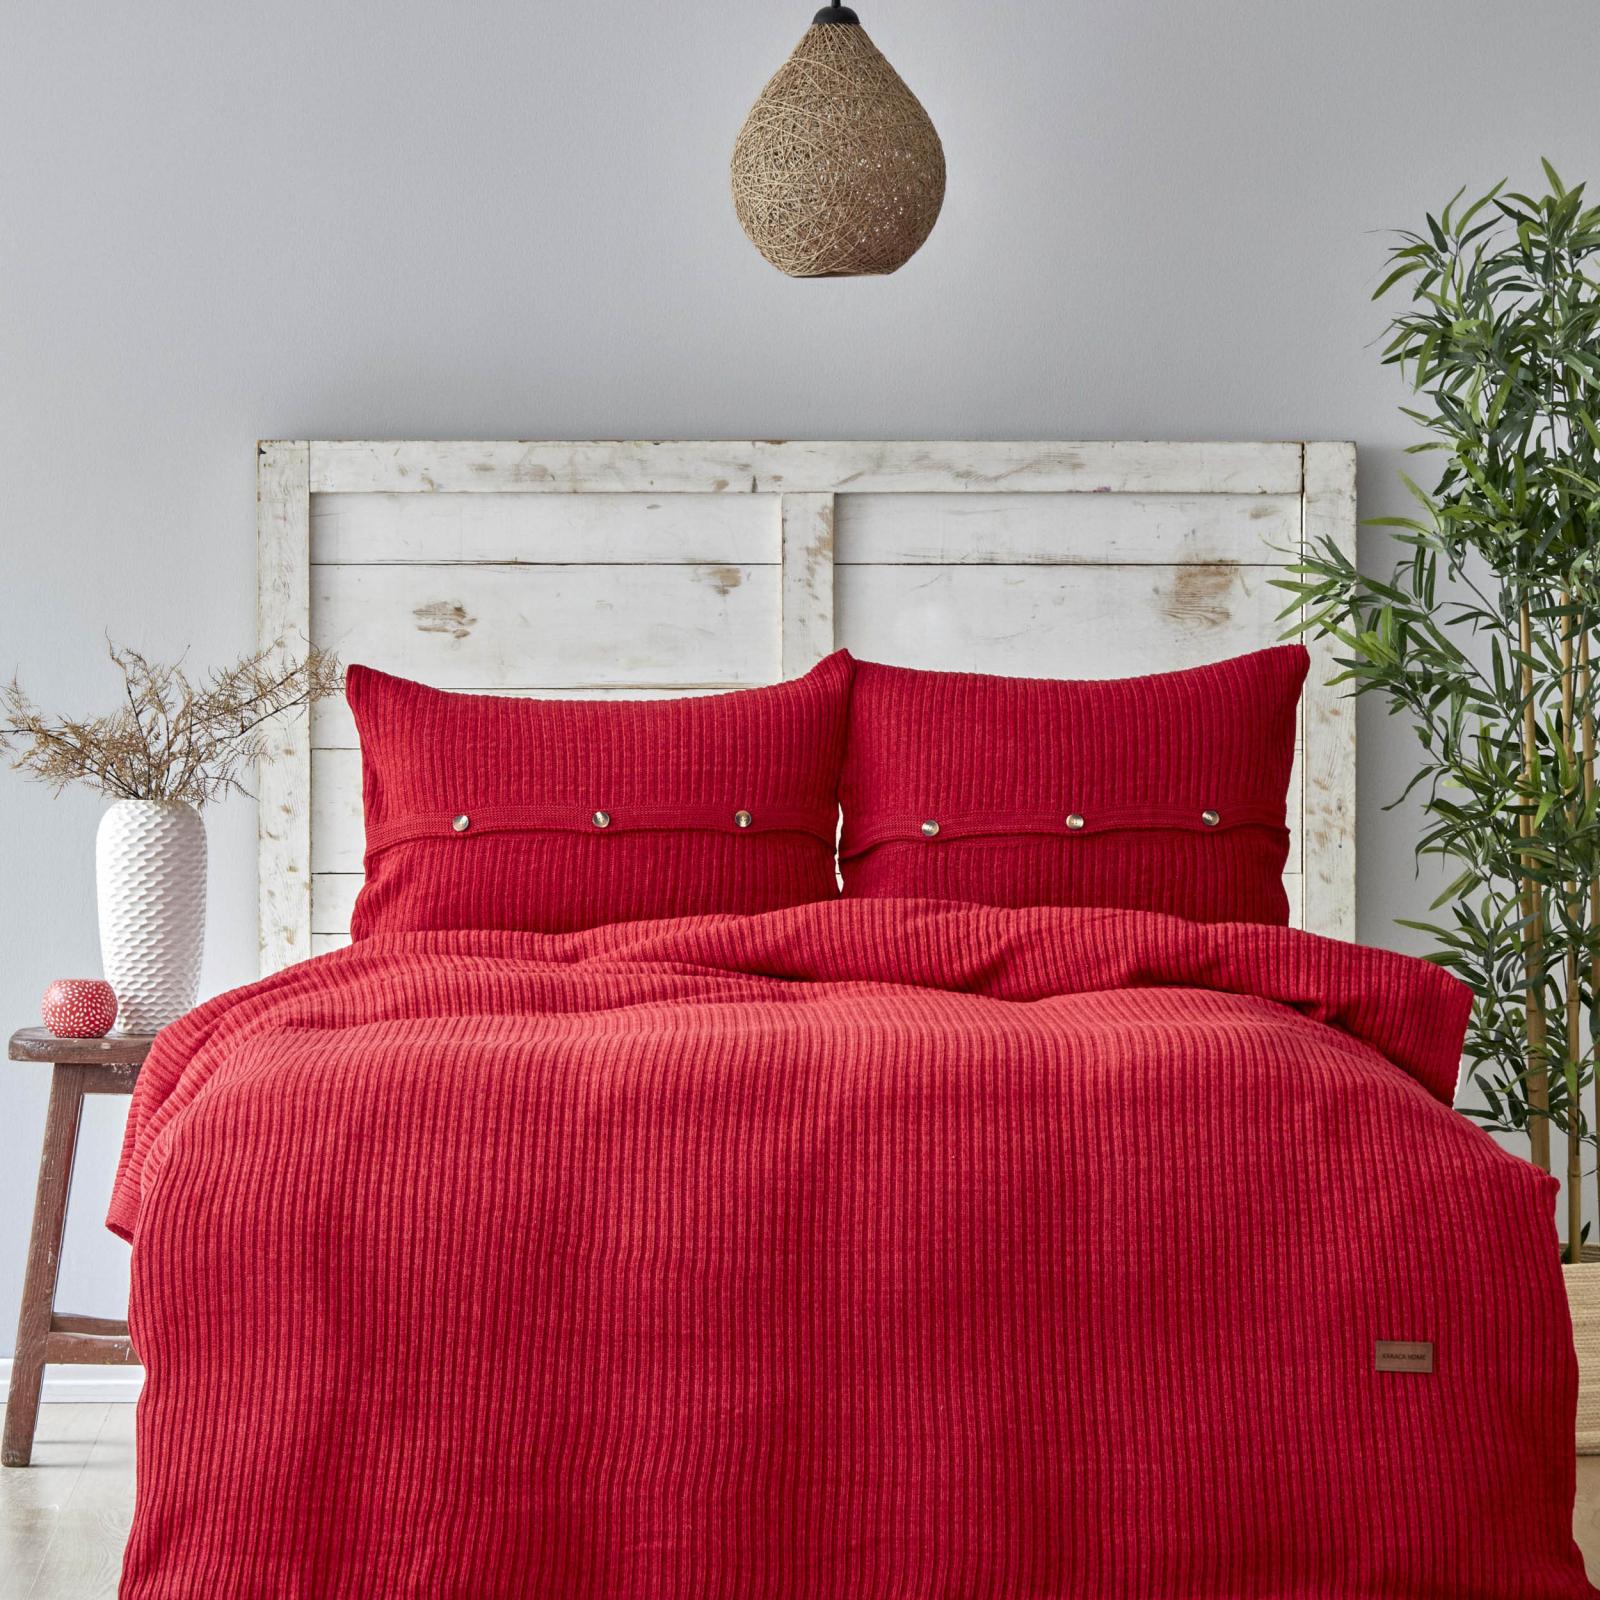 Karaca Home Coline Kırmızı Tek Kişilik Triko Yatak Örtüsü Seti